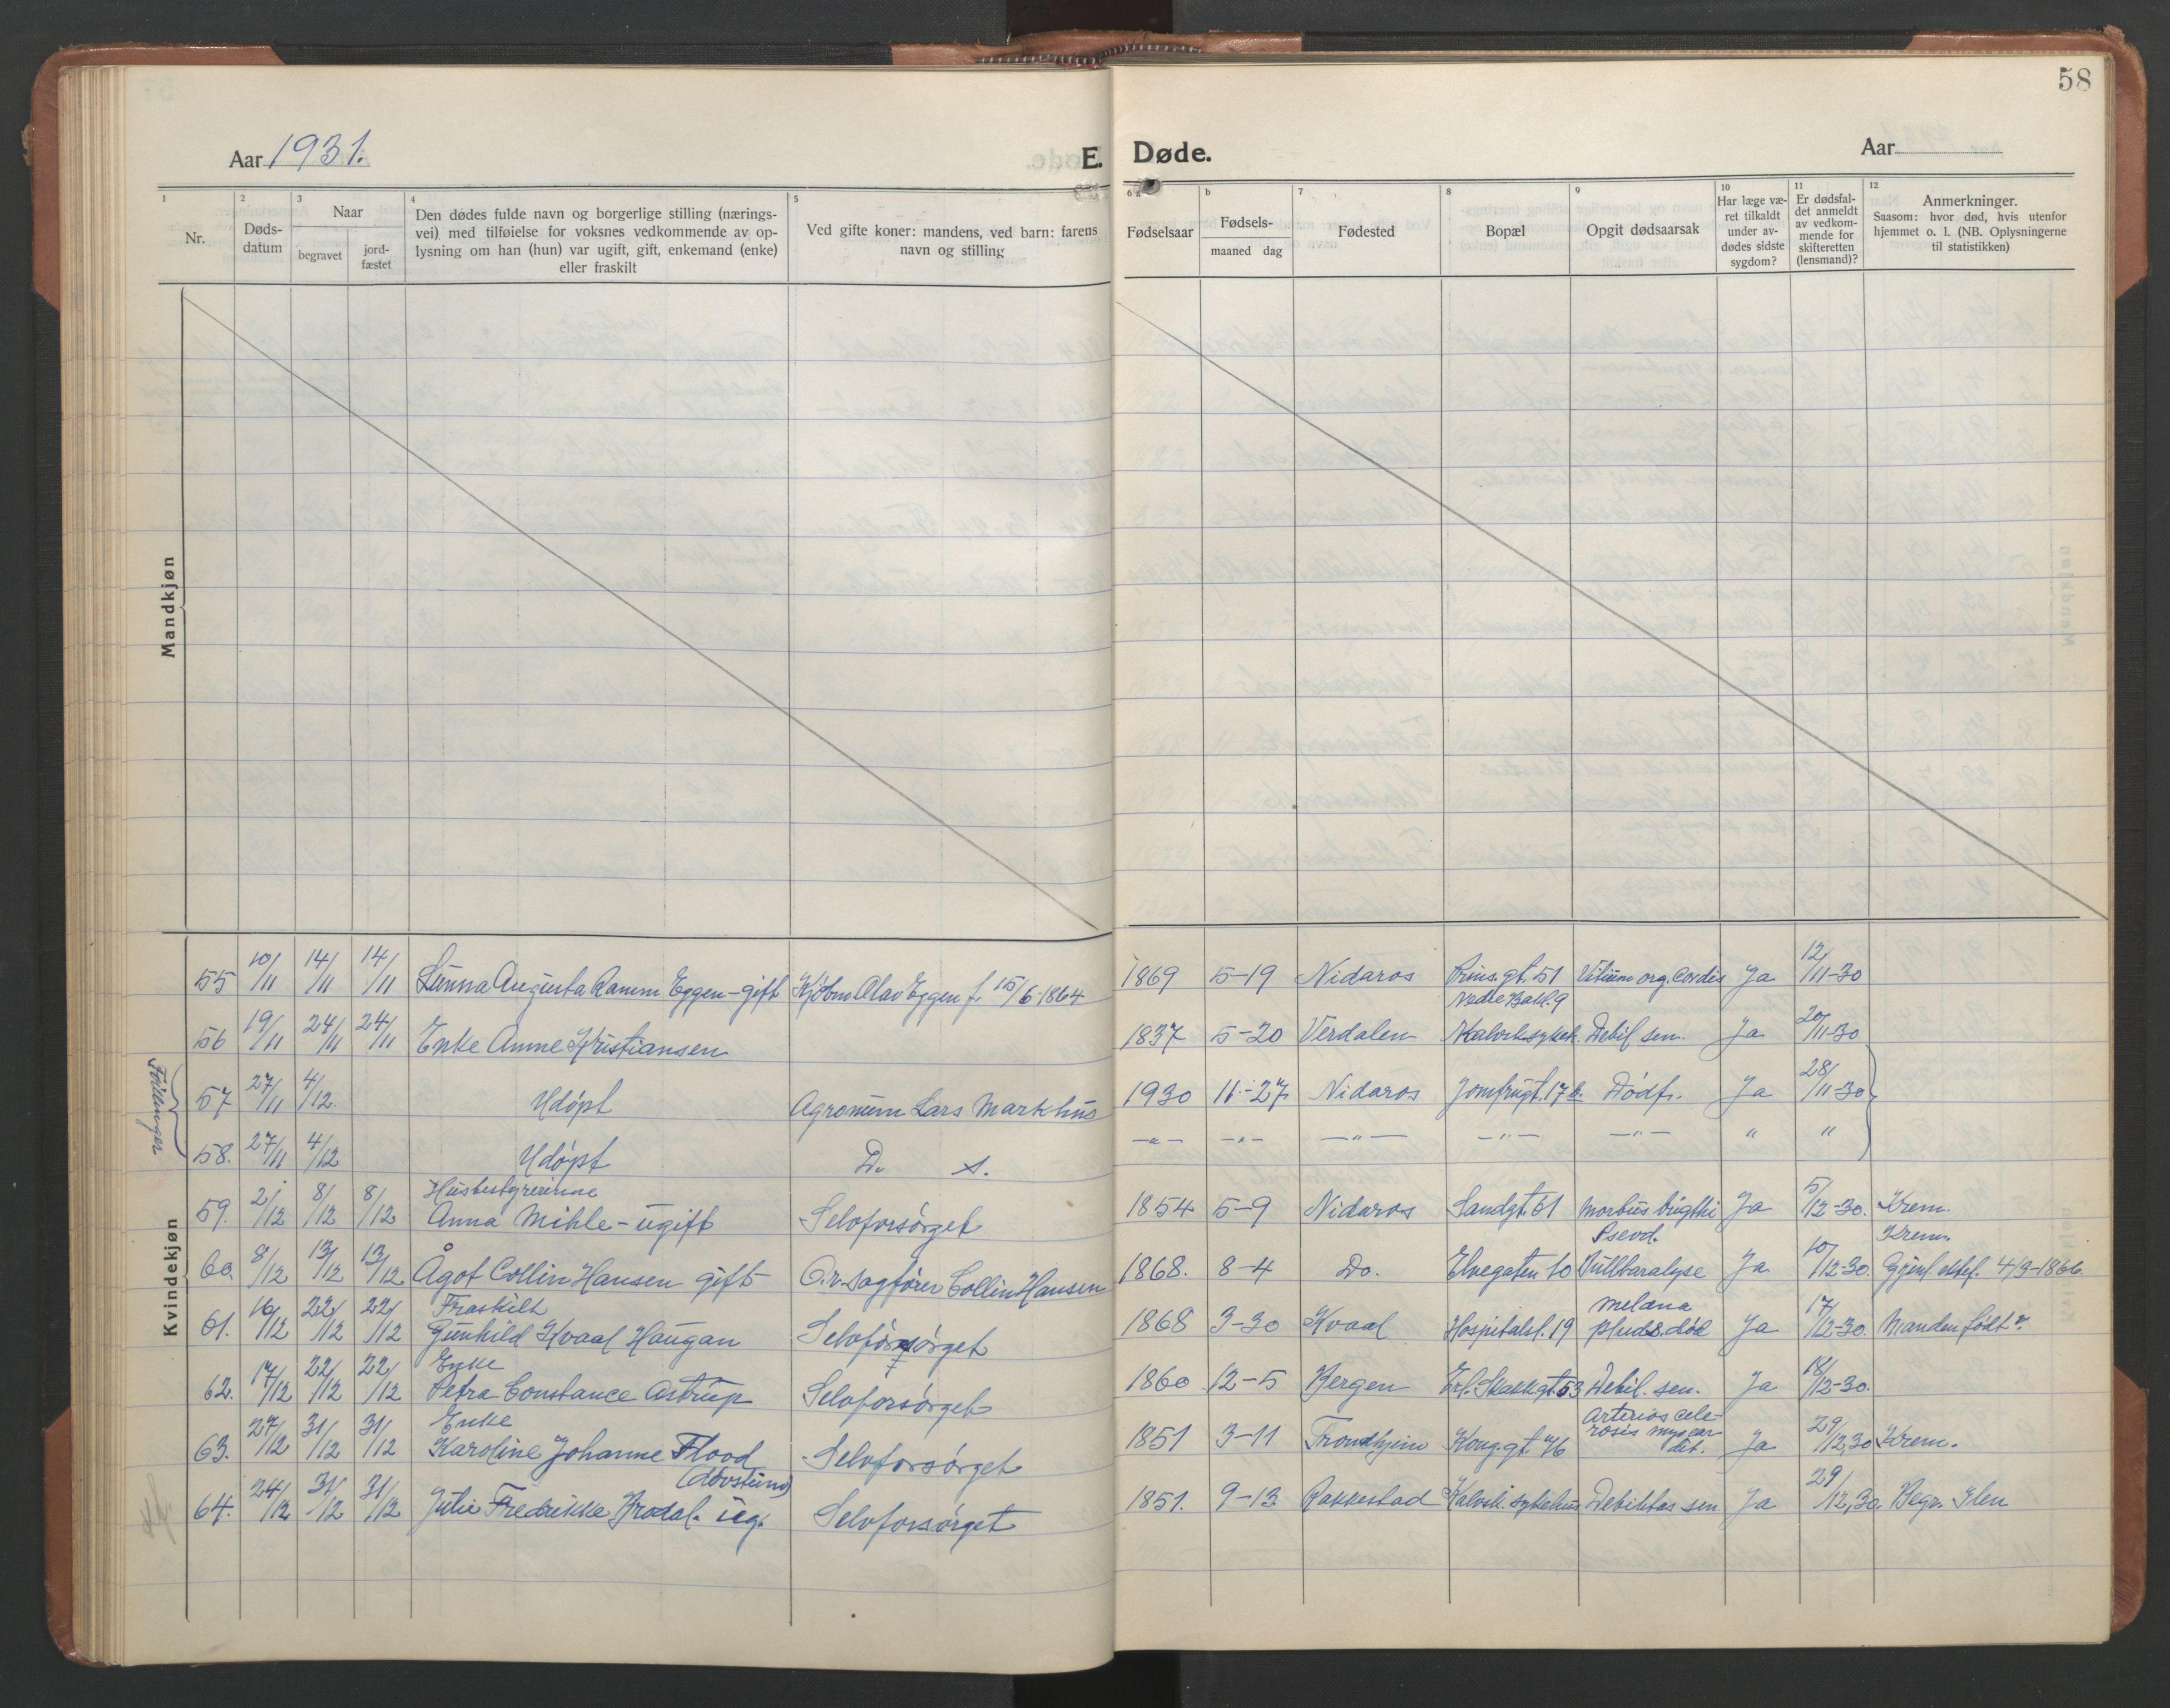 SAT, Ministerialprotokoller, klokkerbøker og fødselsregistre - Sør-Trøndelag, 602/L0150: Klokkerbok nr. 602C18, 1922-1949, s. 58